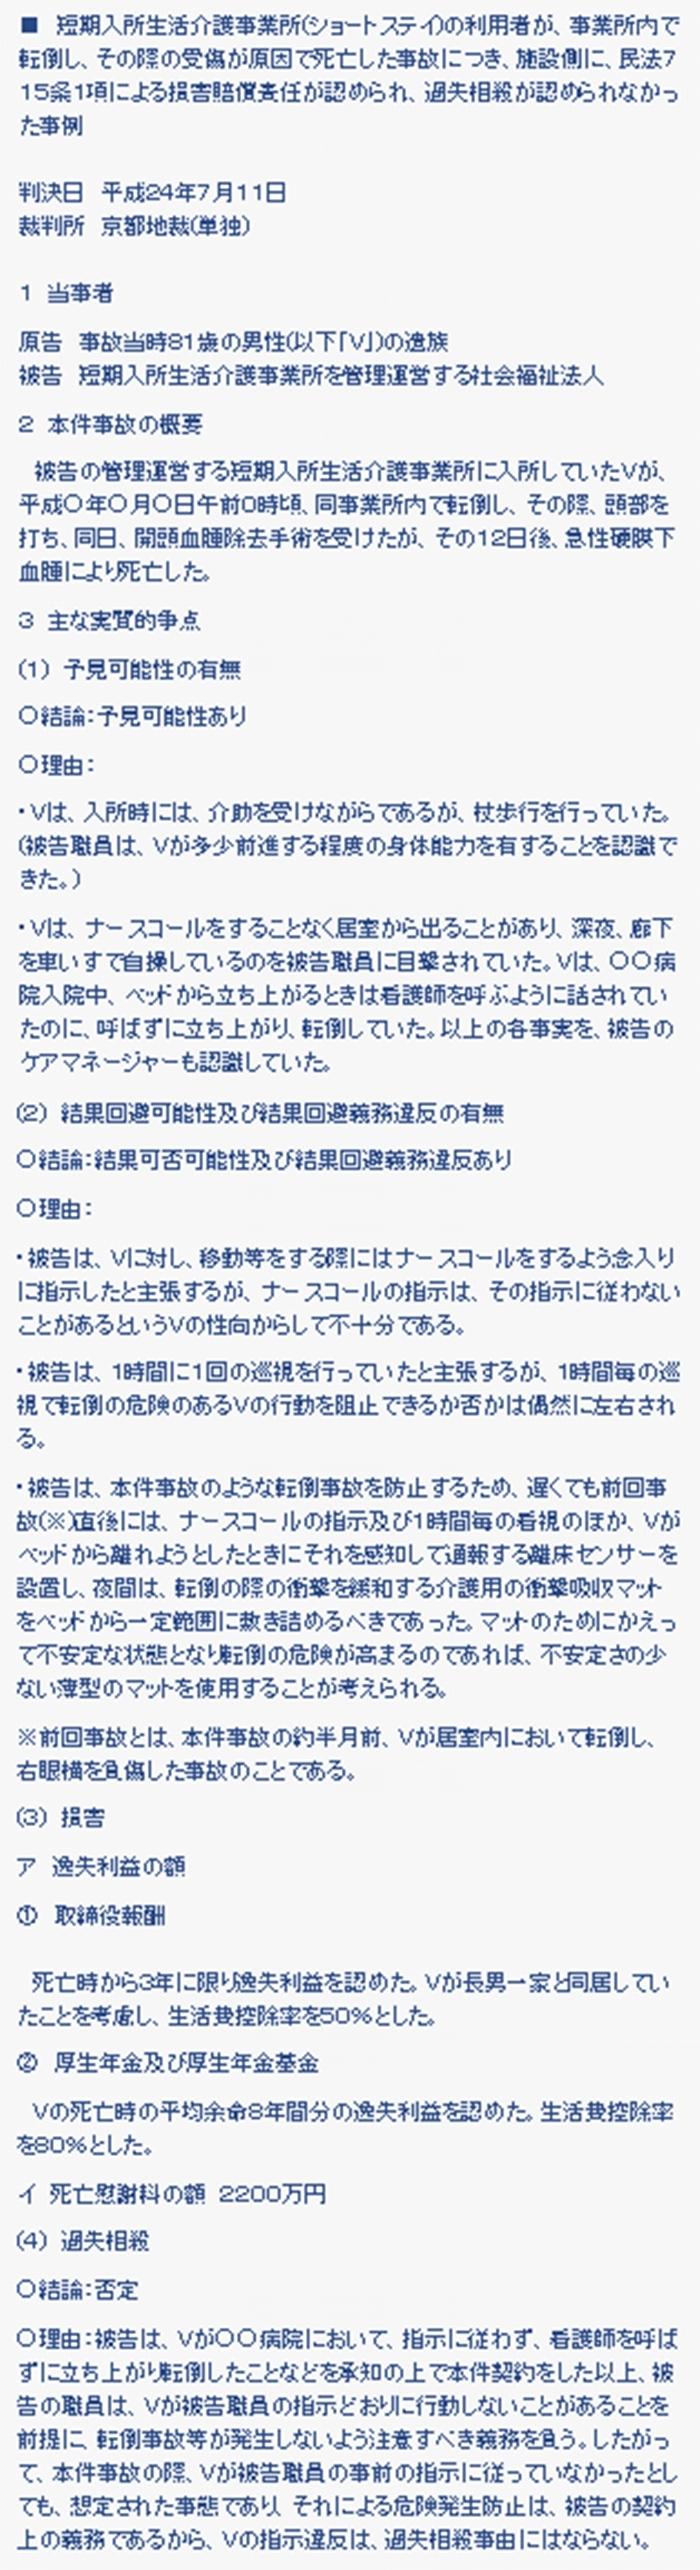 京都地裁H24年7月11日転倒-vert